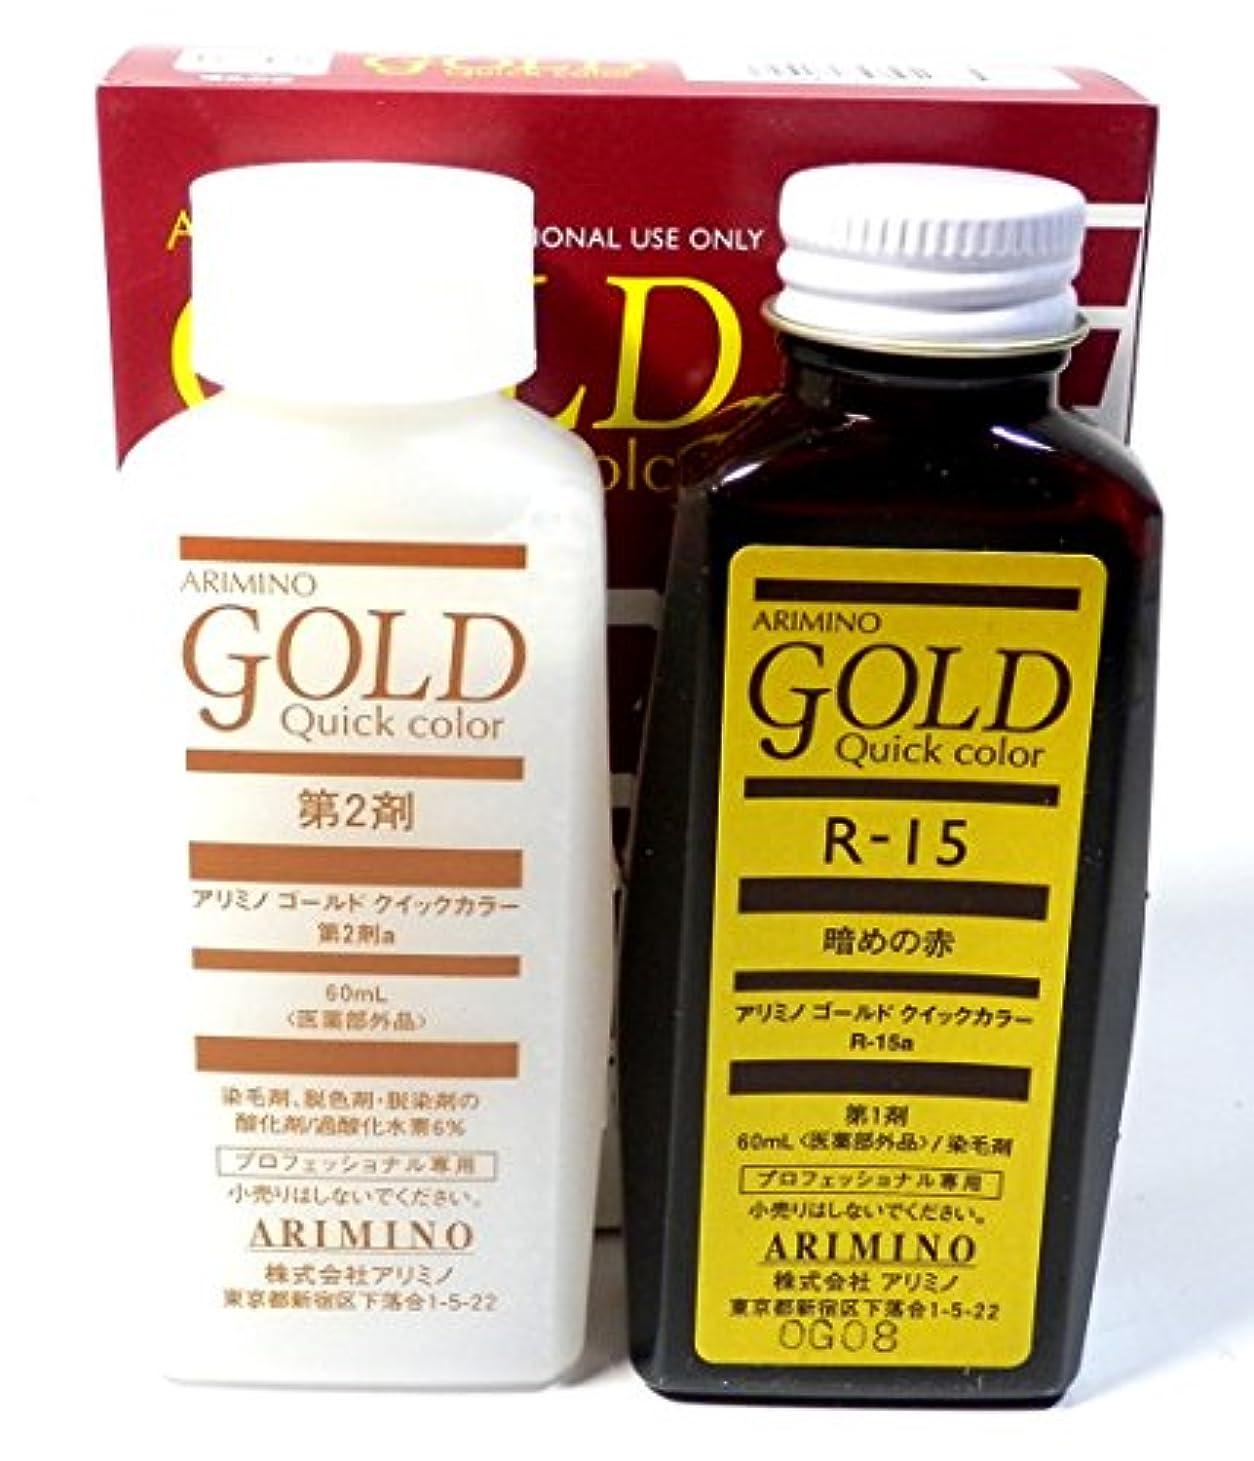 韓国速いダイヤルアリミノ ARIMINO ゴールド クイックカラー R-15 白髪染め 新品 暗めの赤